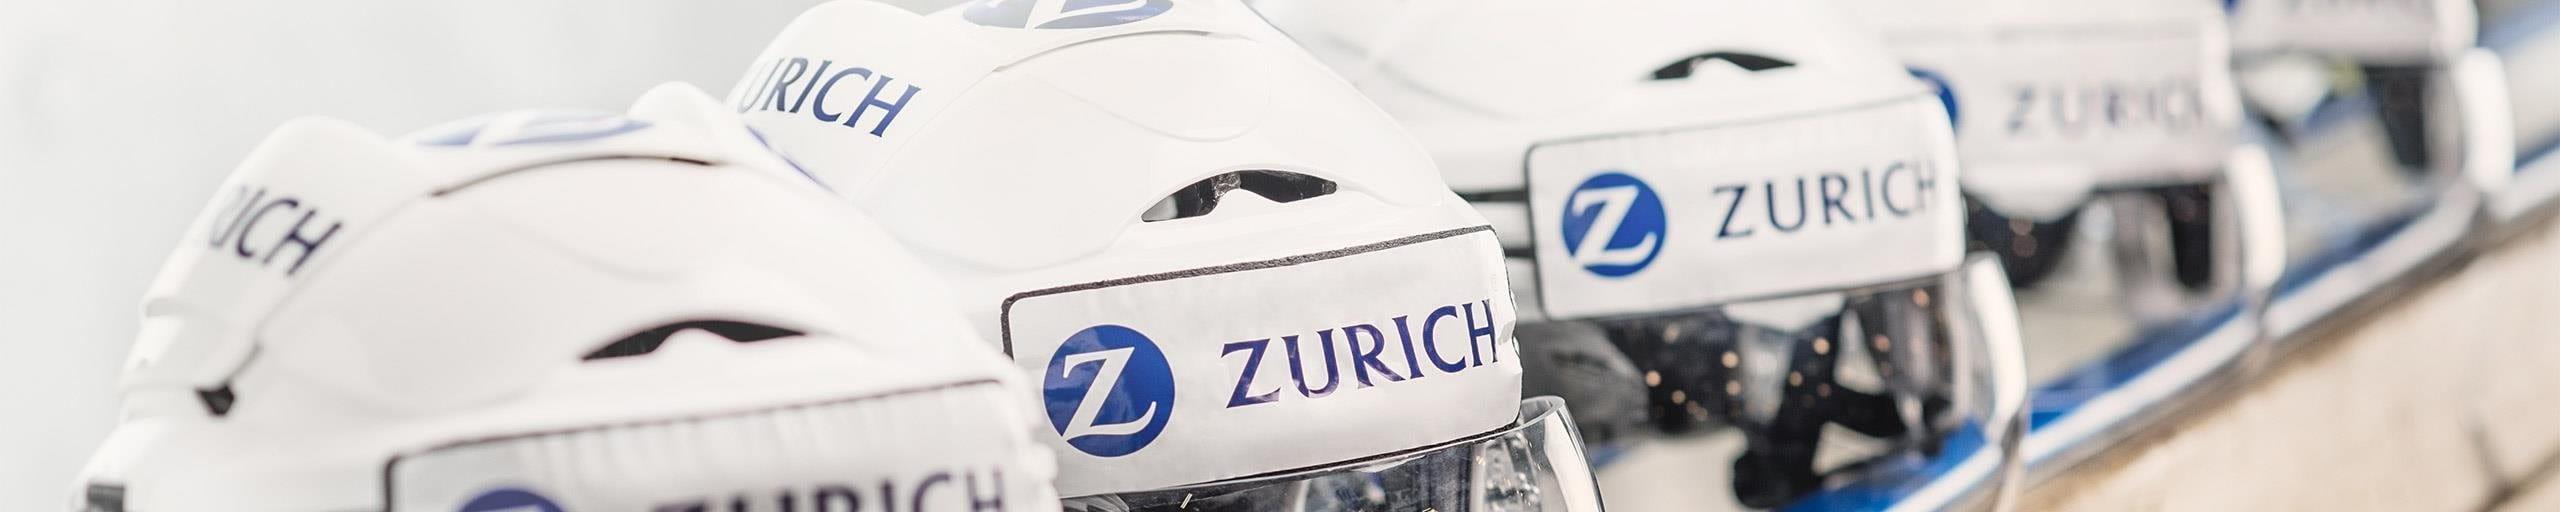 Sponsoring zurich svizzera for Zurich mobilia domestica